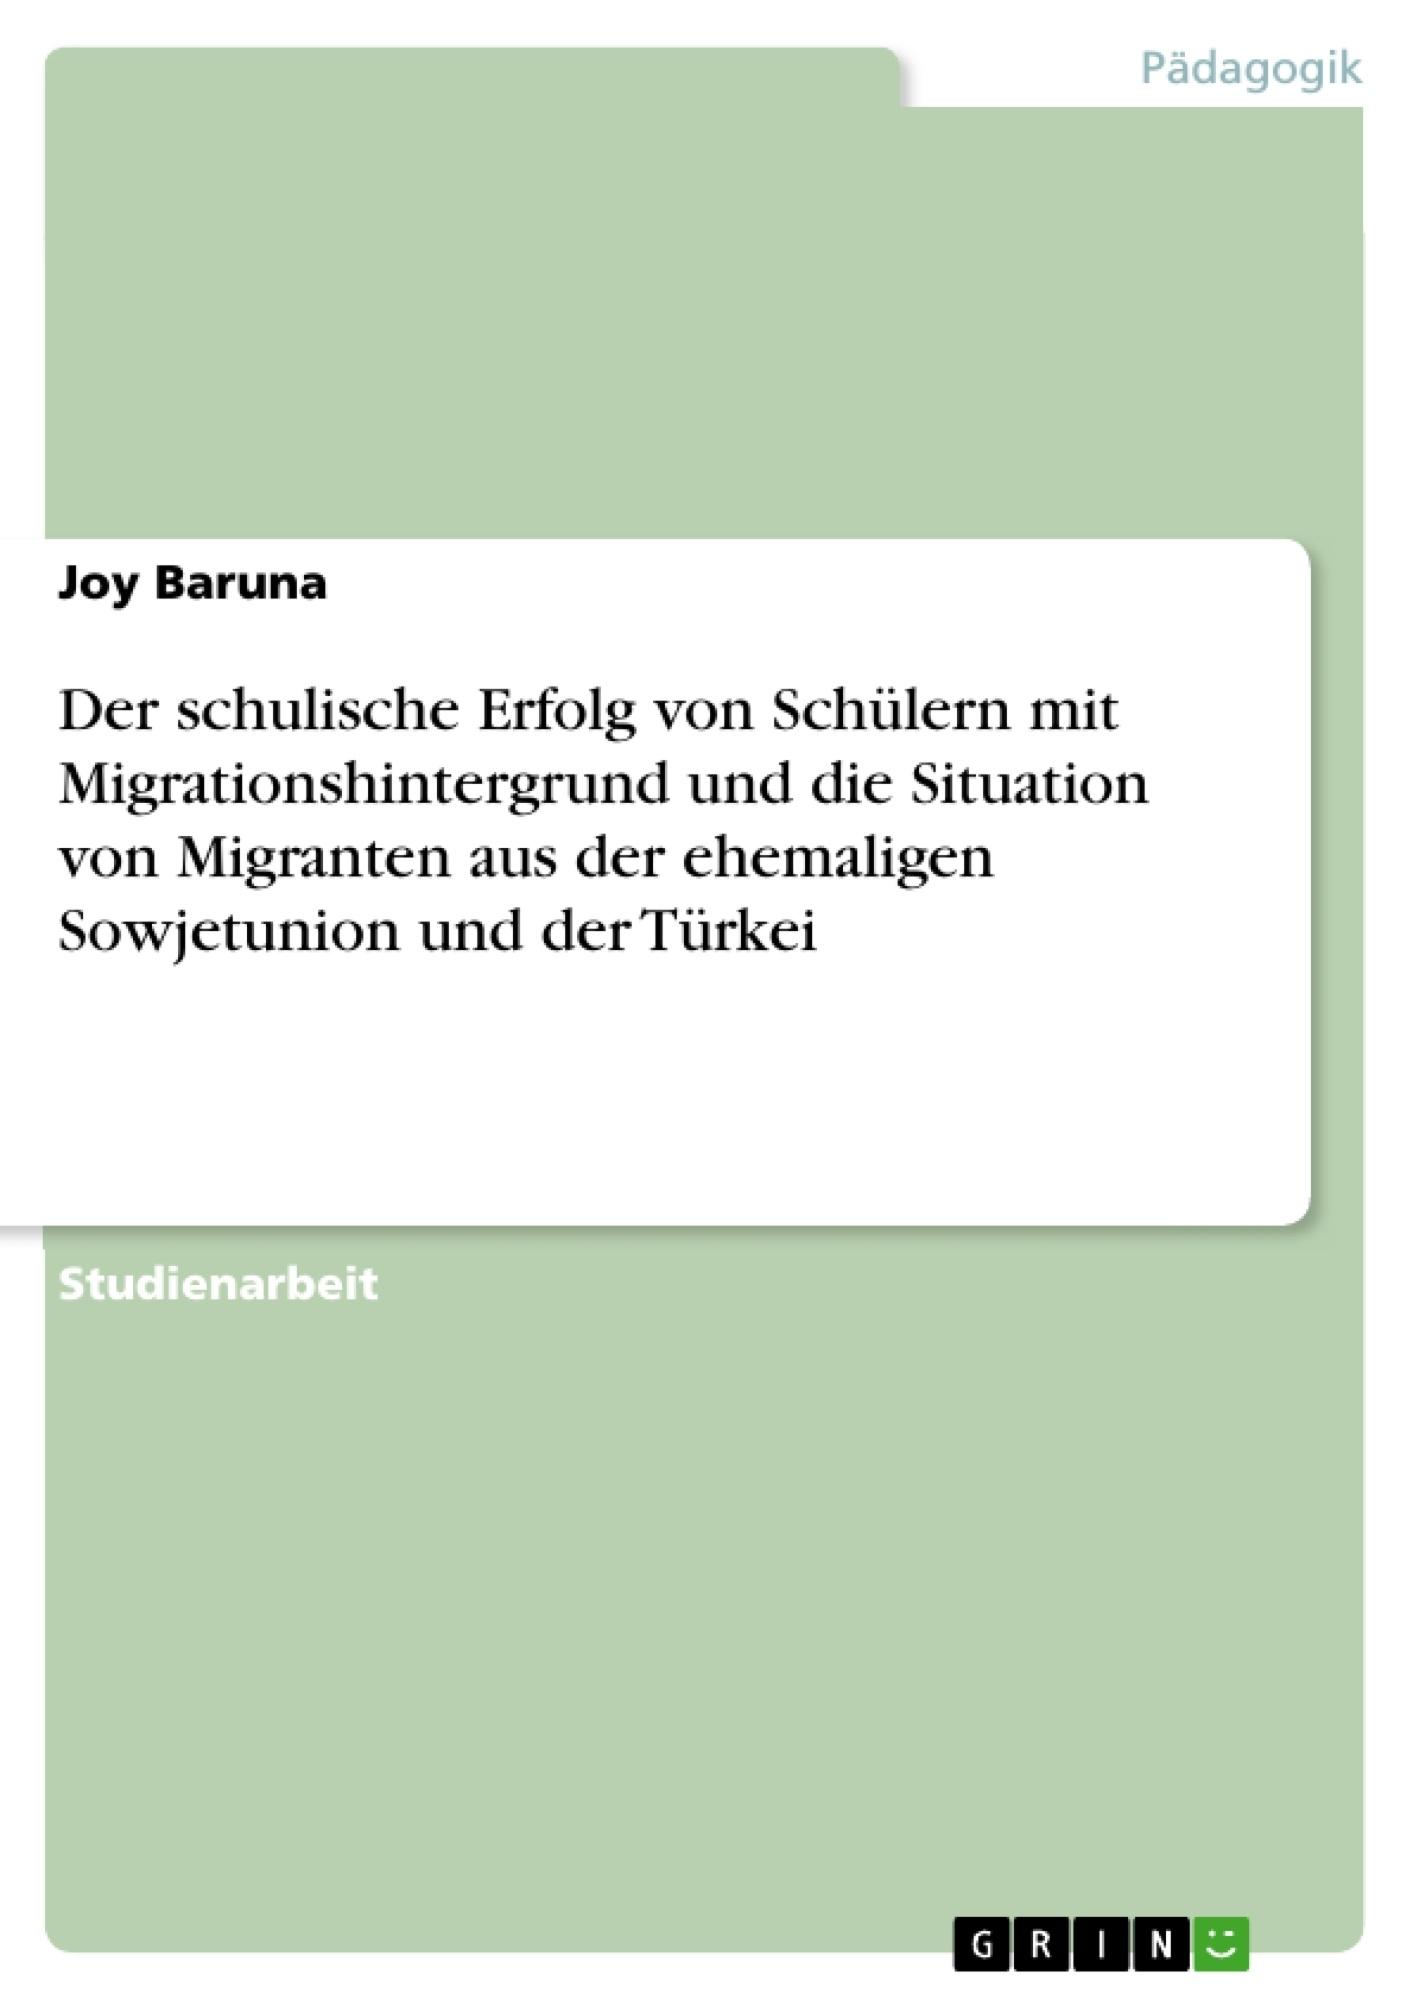 Titel: Der schulische Erfolg von Schülern mit Migrationshintergrund und die Situation von Migranten aus der ehemaligen Sowjetunion und der Türkei